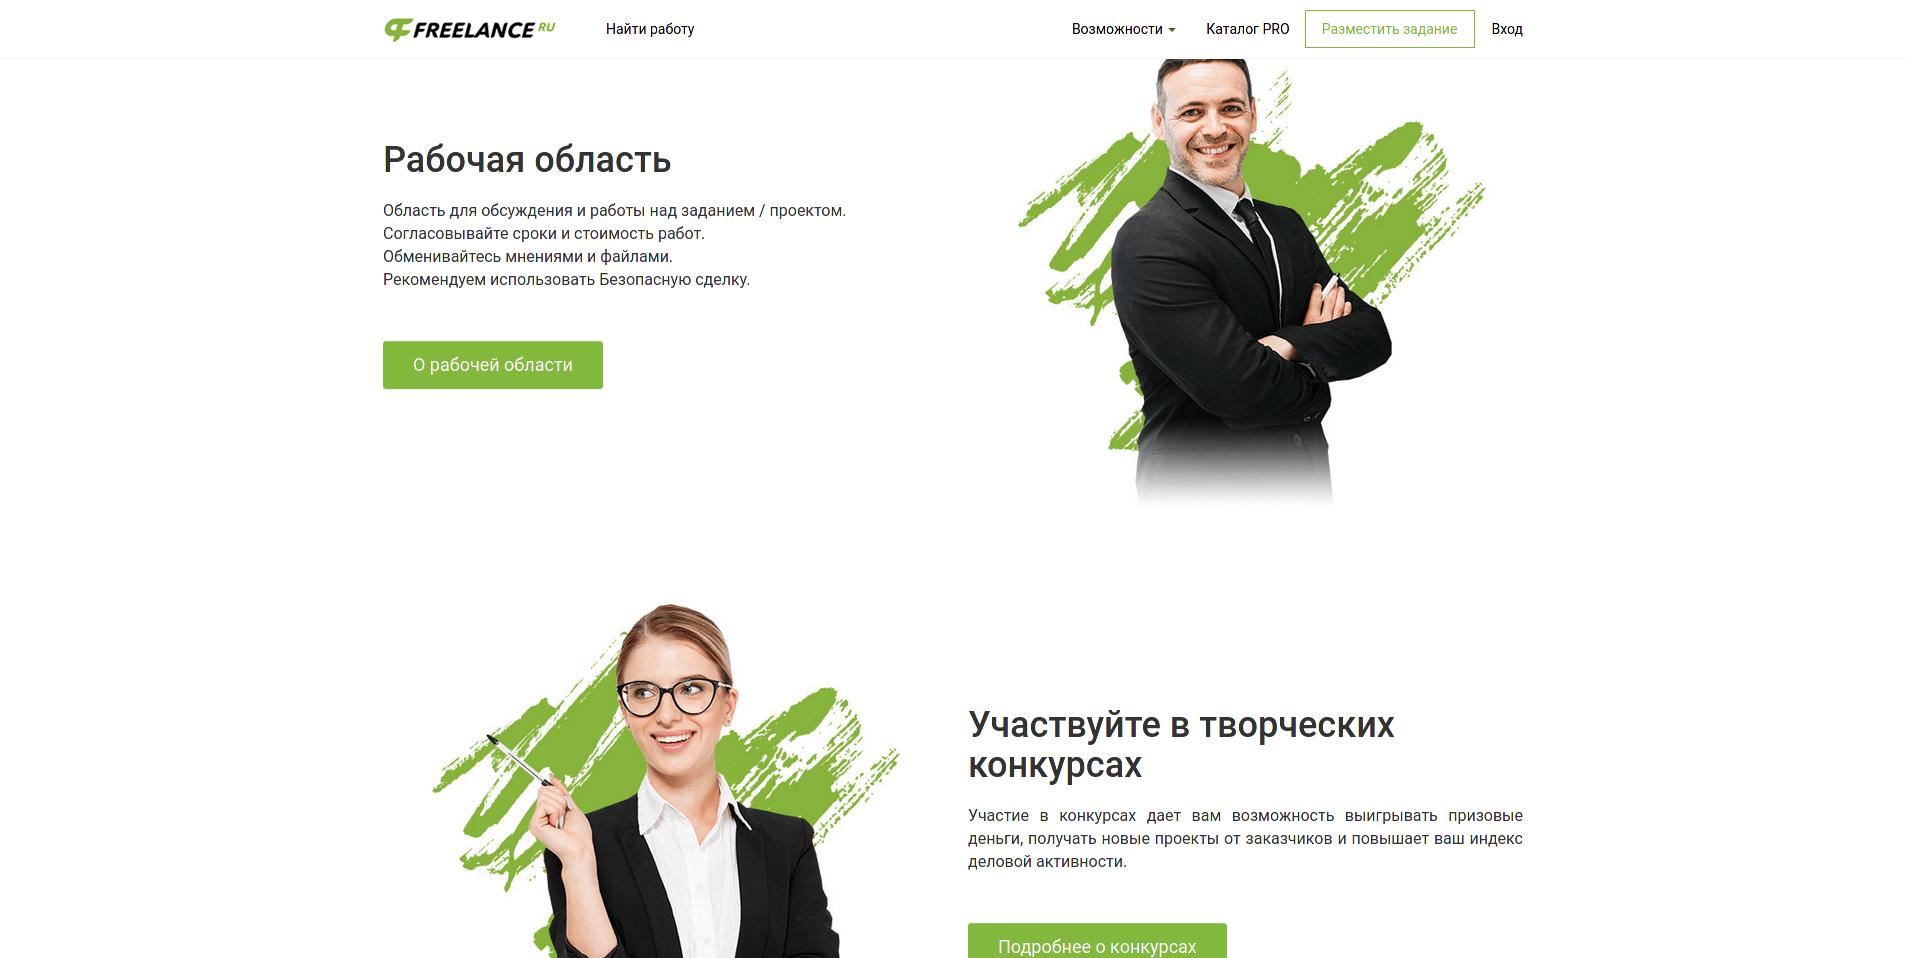 Screenshot_2021-03-05 Freelance Ru, Как это работает Обзор основных возможностей.png